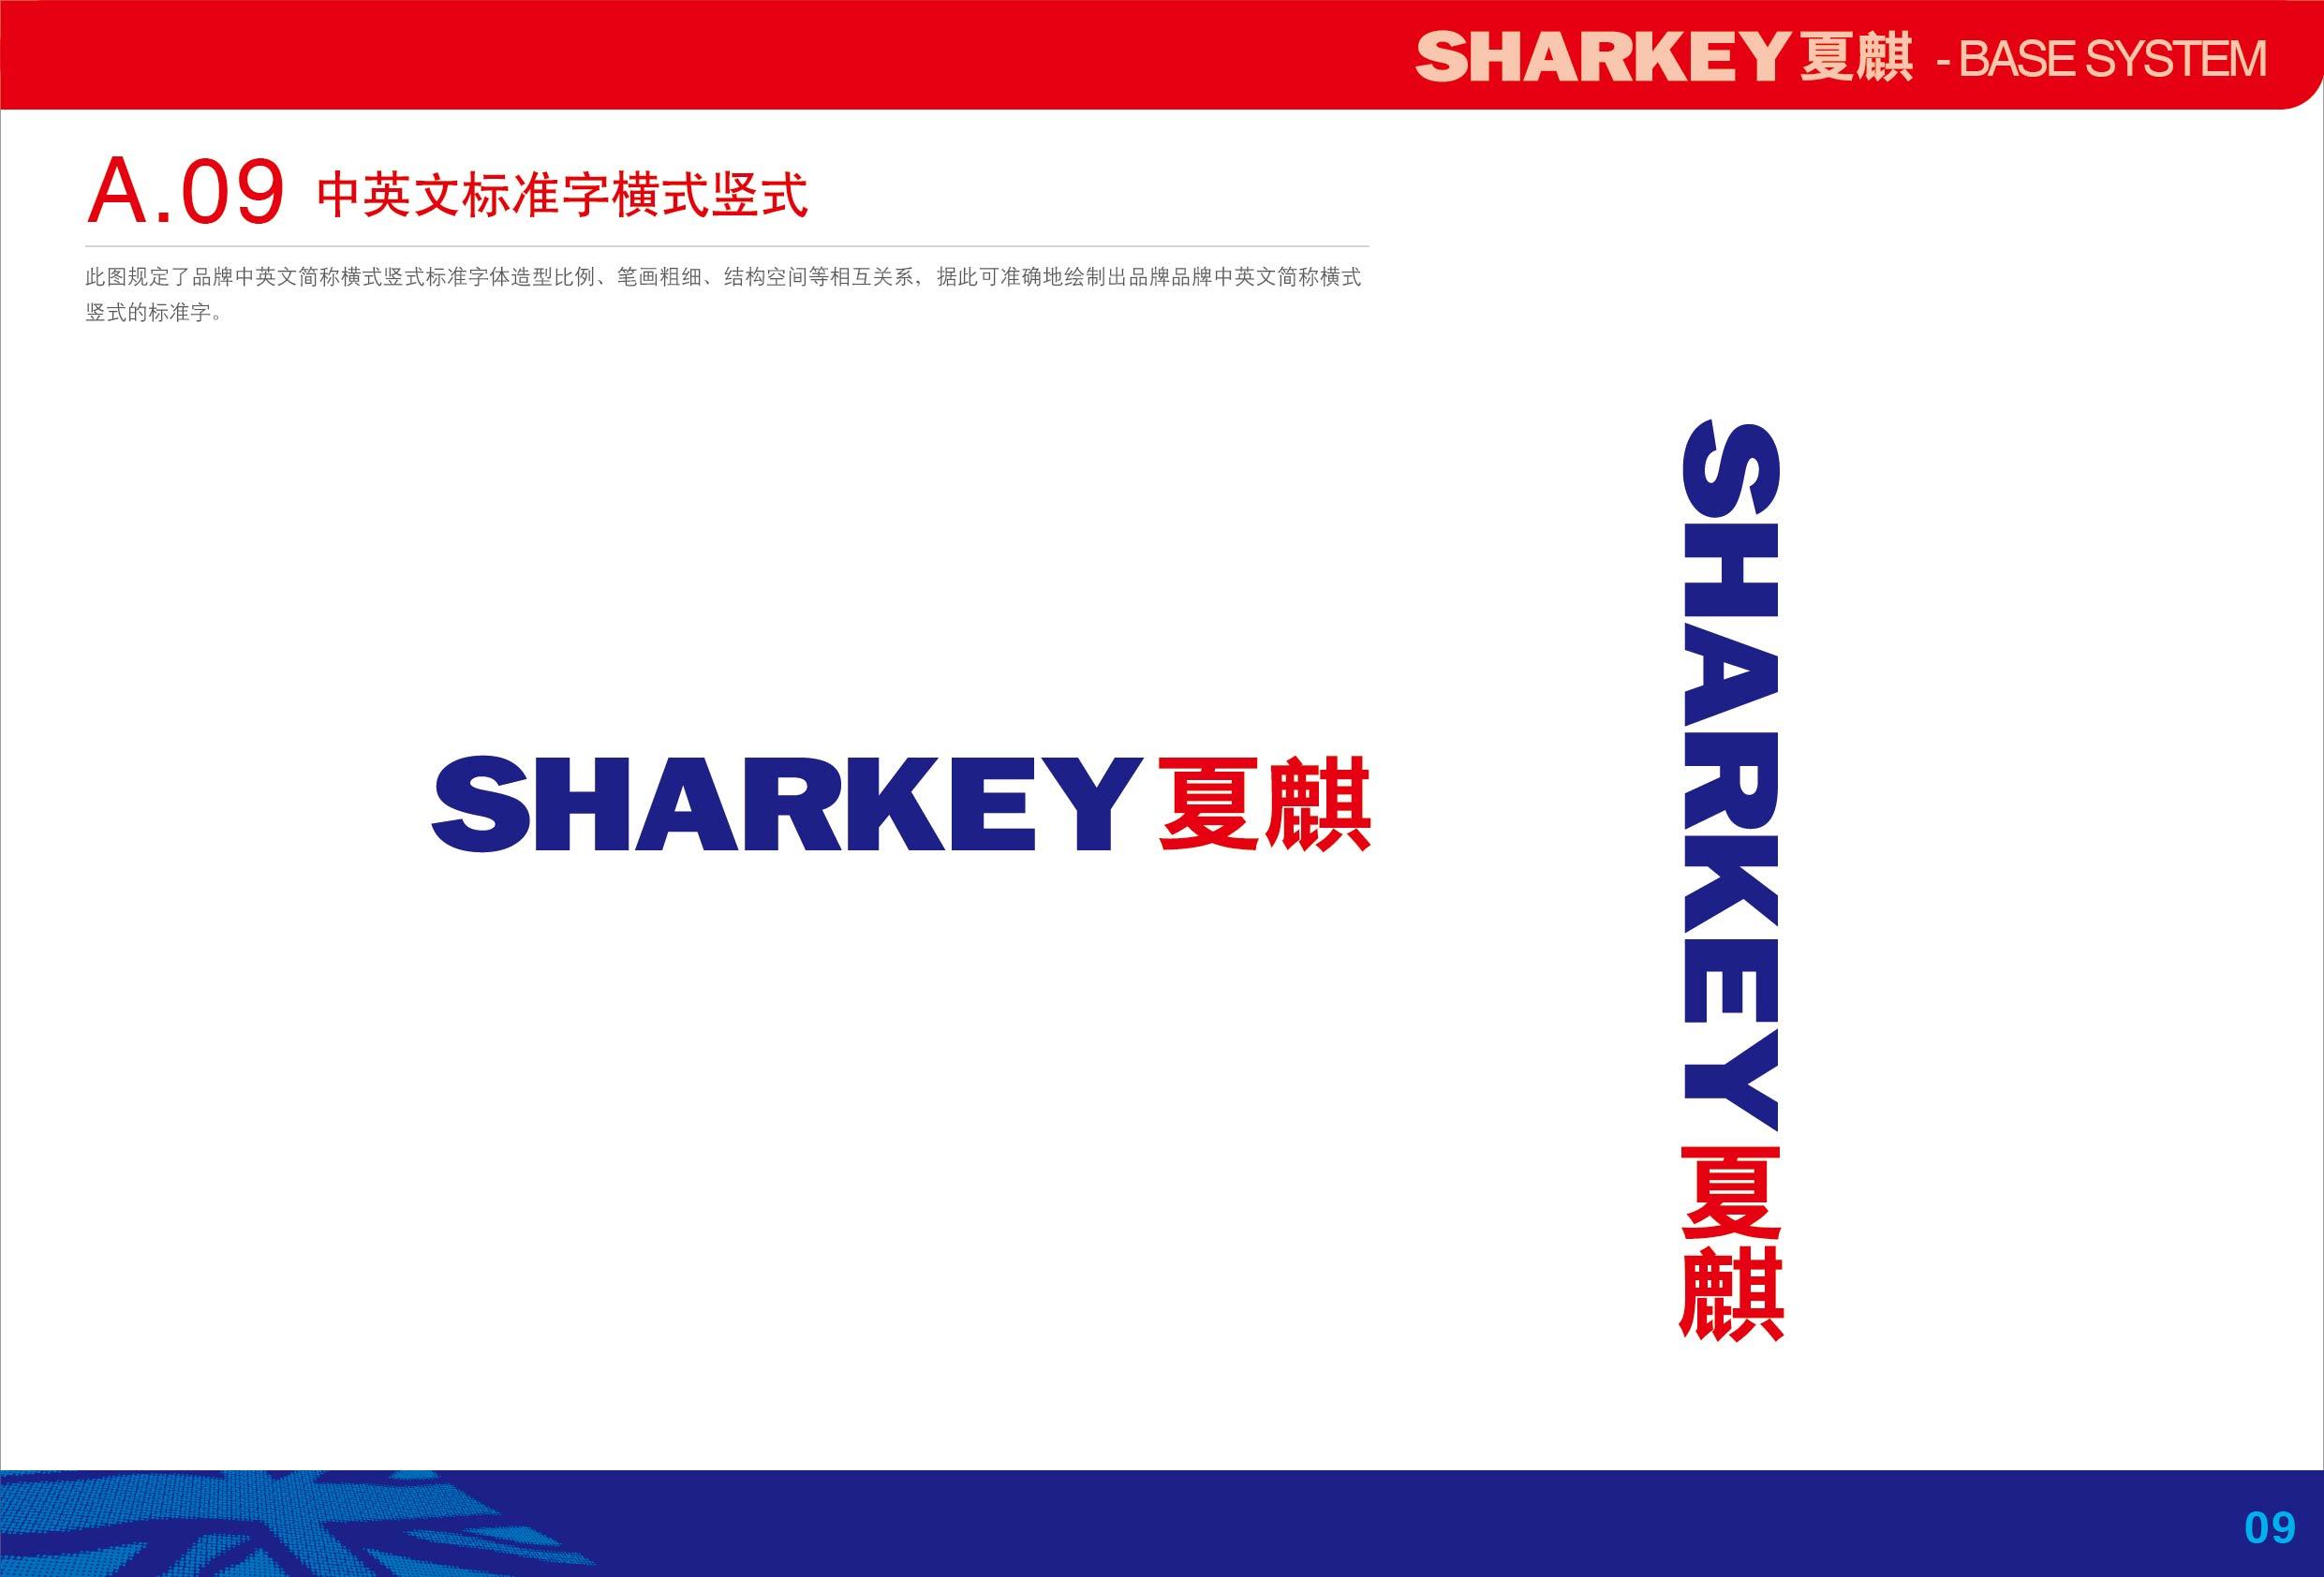 A夏麒logo-基础系统.aiA-10